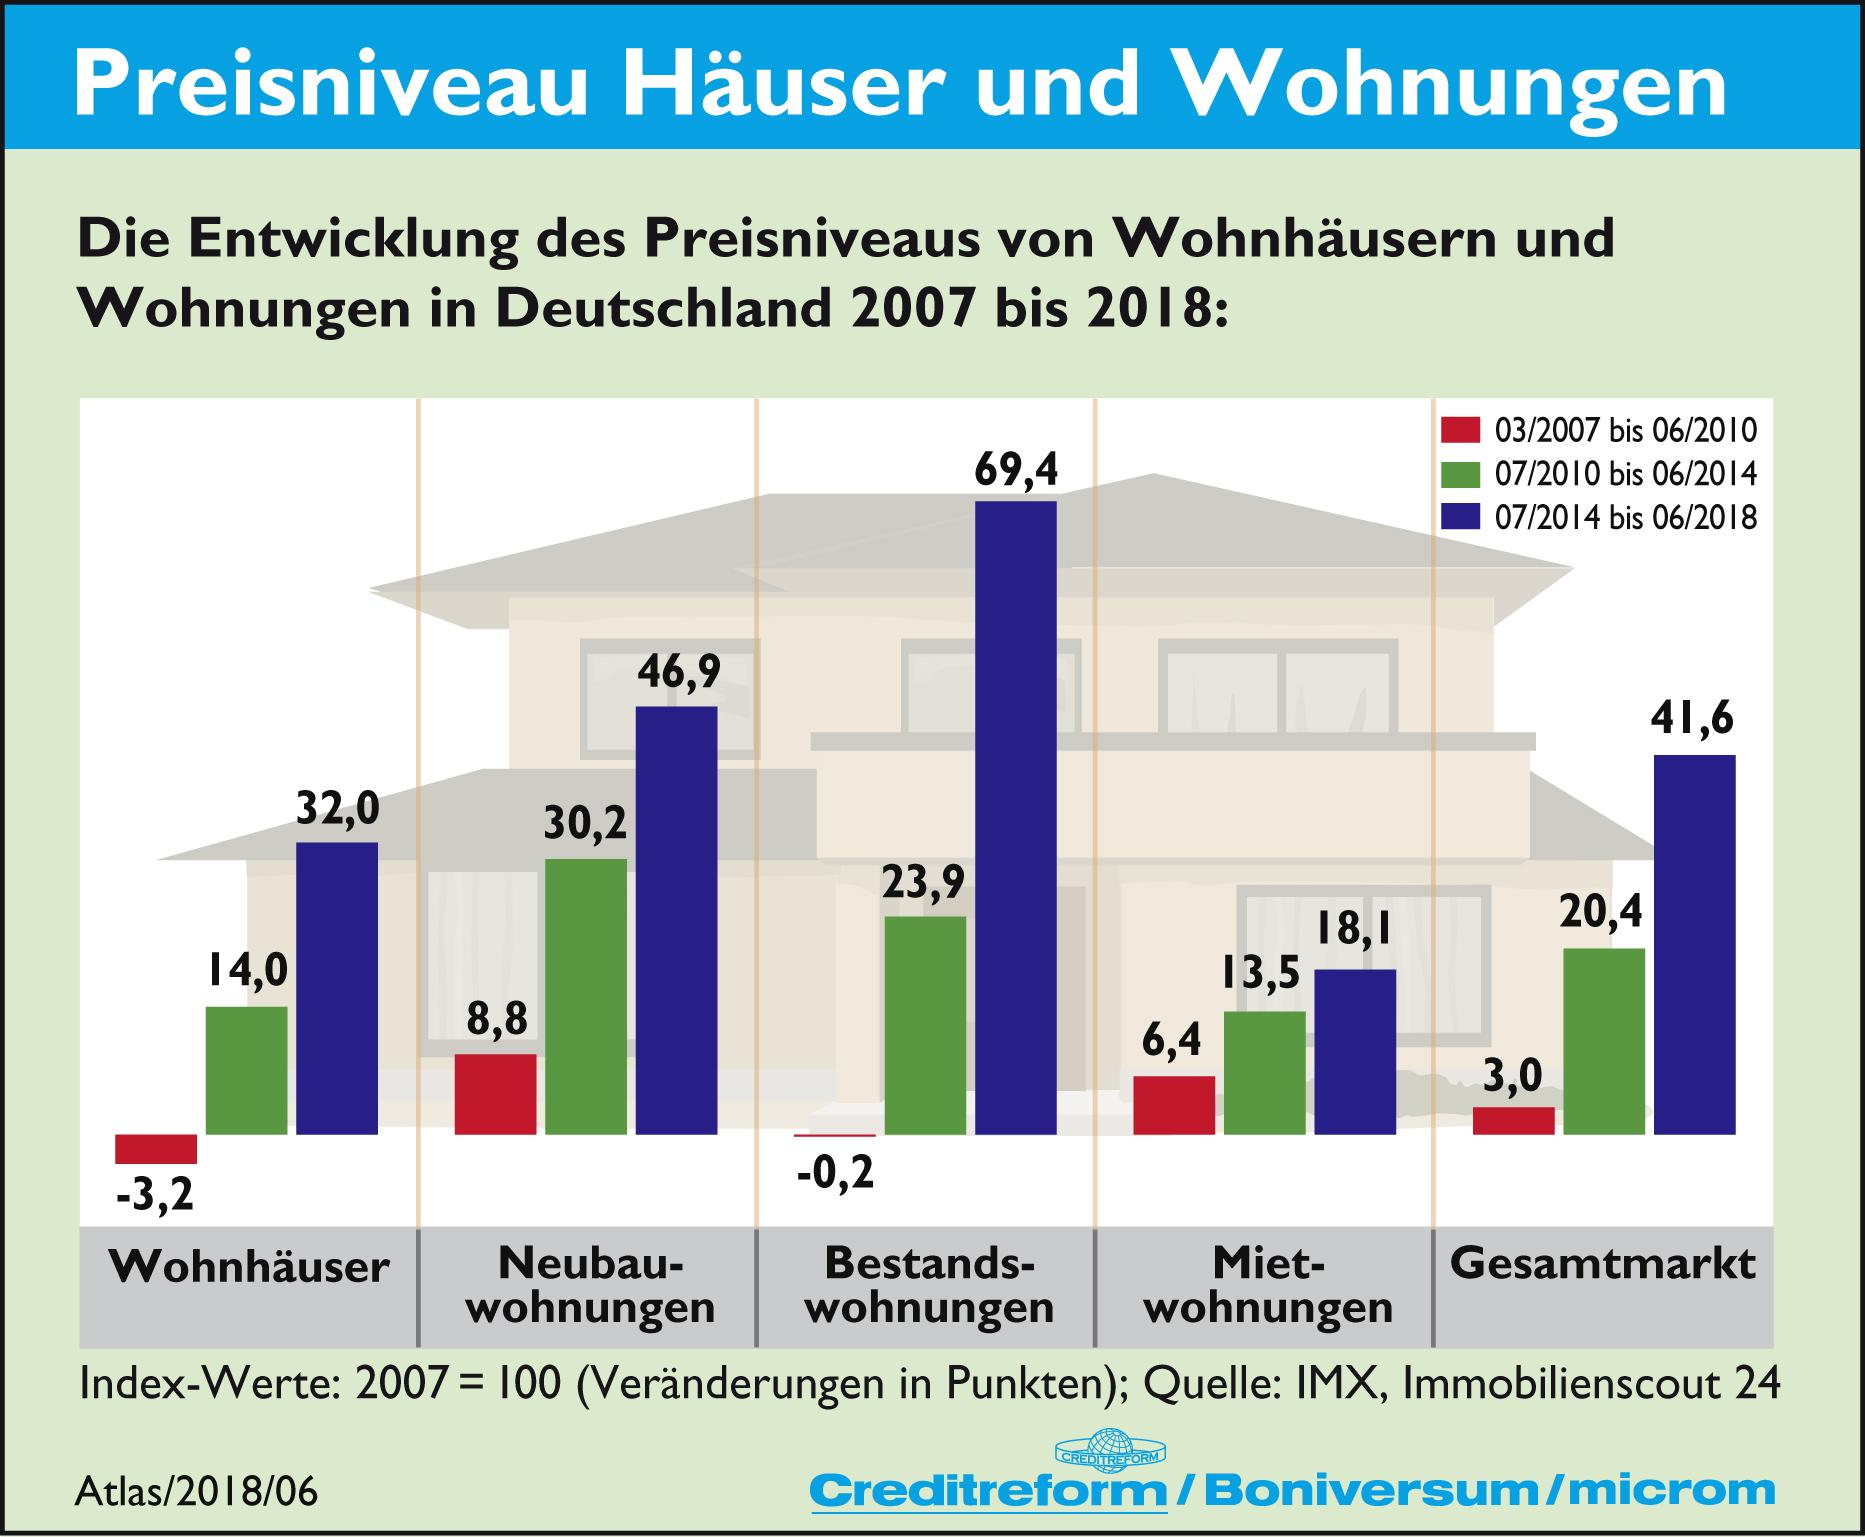 6. Preisniveau Häuser und Wohnungen 350dpi